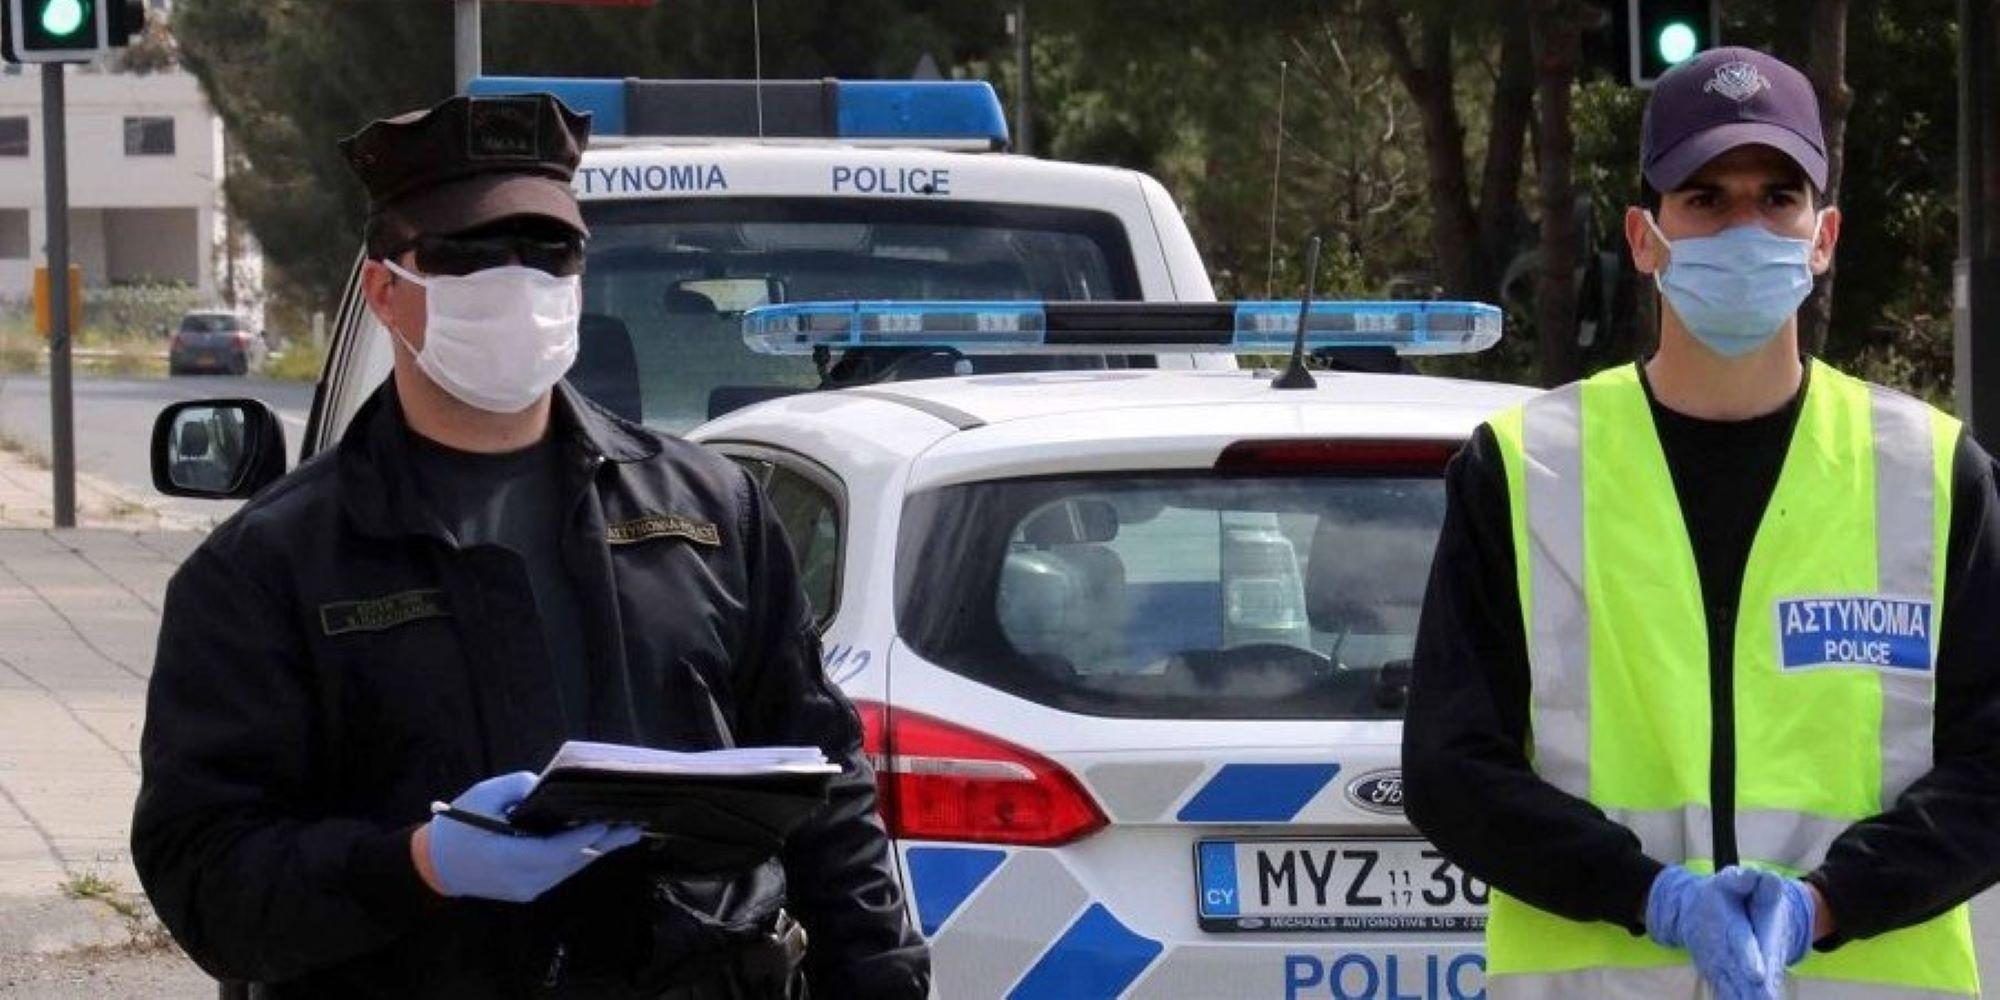 Καταγγέλθηκαν 38 πολίτες και 5 υποστατικά για παραβίαση των μέτρων κατά Covid-19